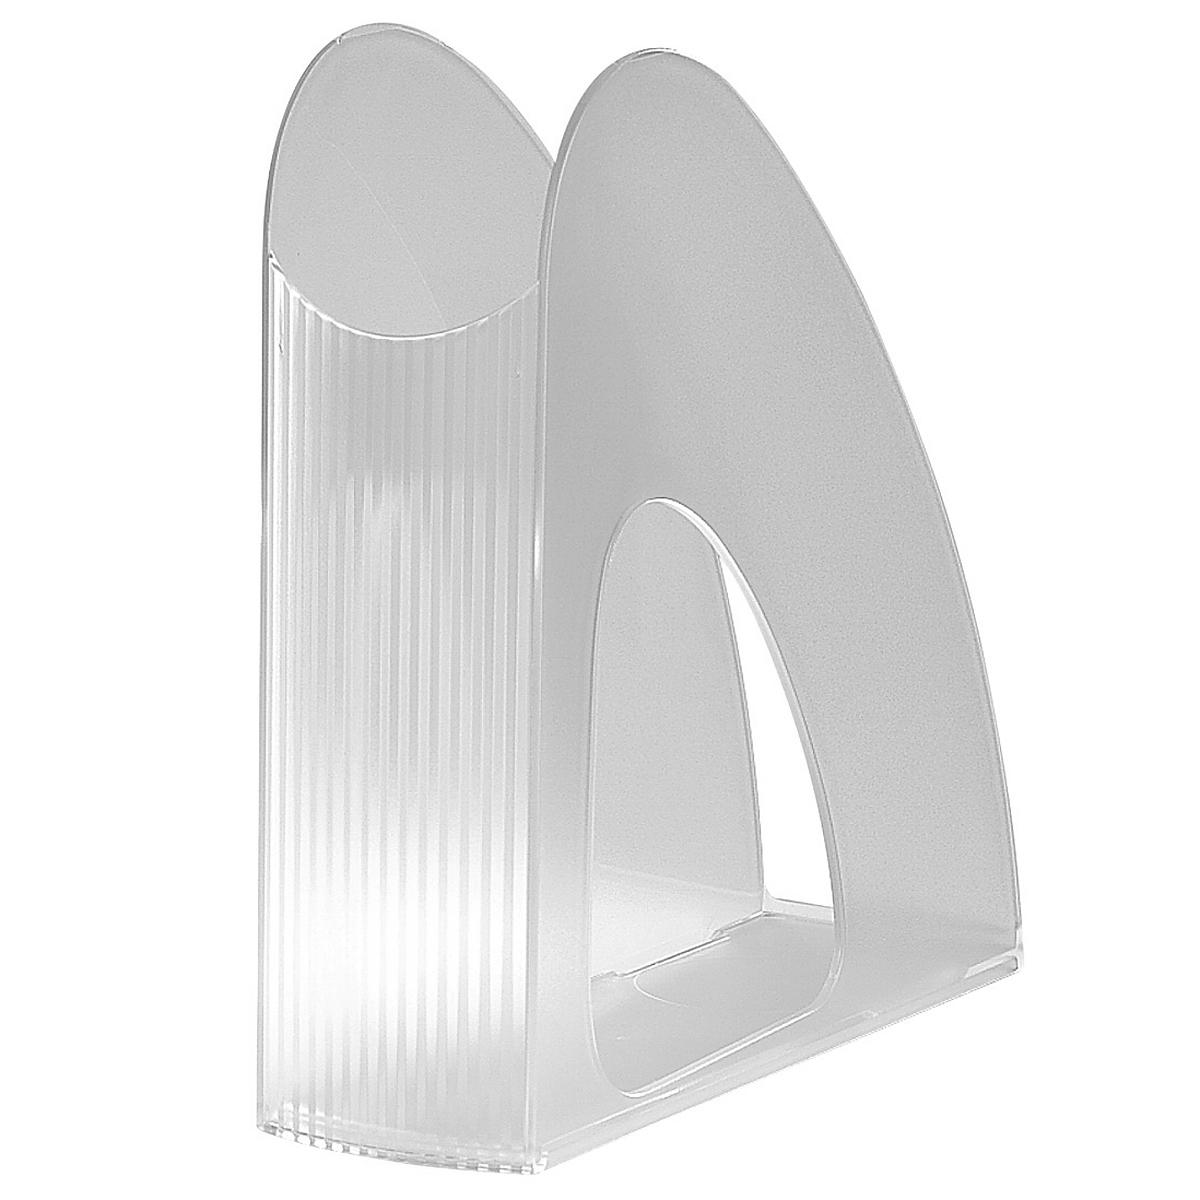 Лоток для бумаг вертикальный HAN Twin, прозрачный, цвет: белый16250Вертикальный лоток для бумаг HAN Twin с оригинальным дизайном корпуса поможет вам навести порядок на столе и сэкономить пространство.Лоток изготовлен из высококачественного антистатического прозрачного пластика. Низкий передний порог облегчает изъятие документов из накопителя.Благодаря лотку для бумаг, важные бумаги и документы всегда будут под рукой.